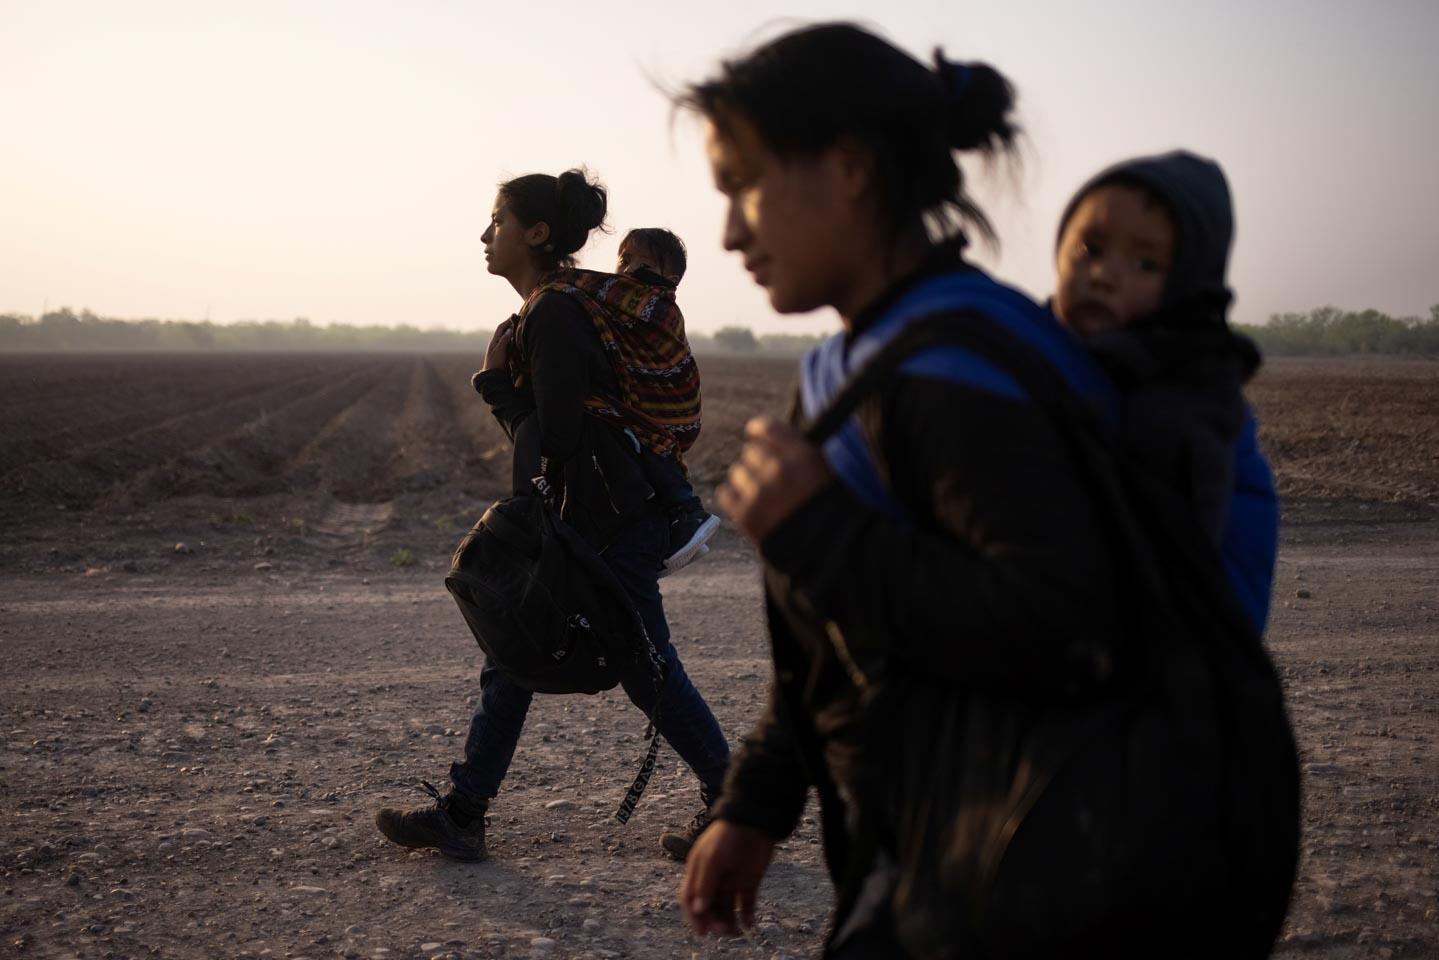 美墨邊境現大規模非法移民潮